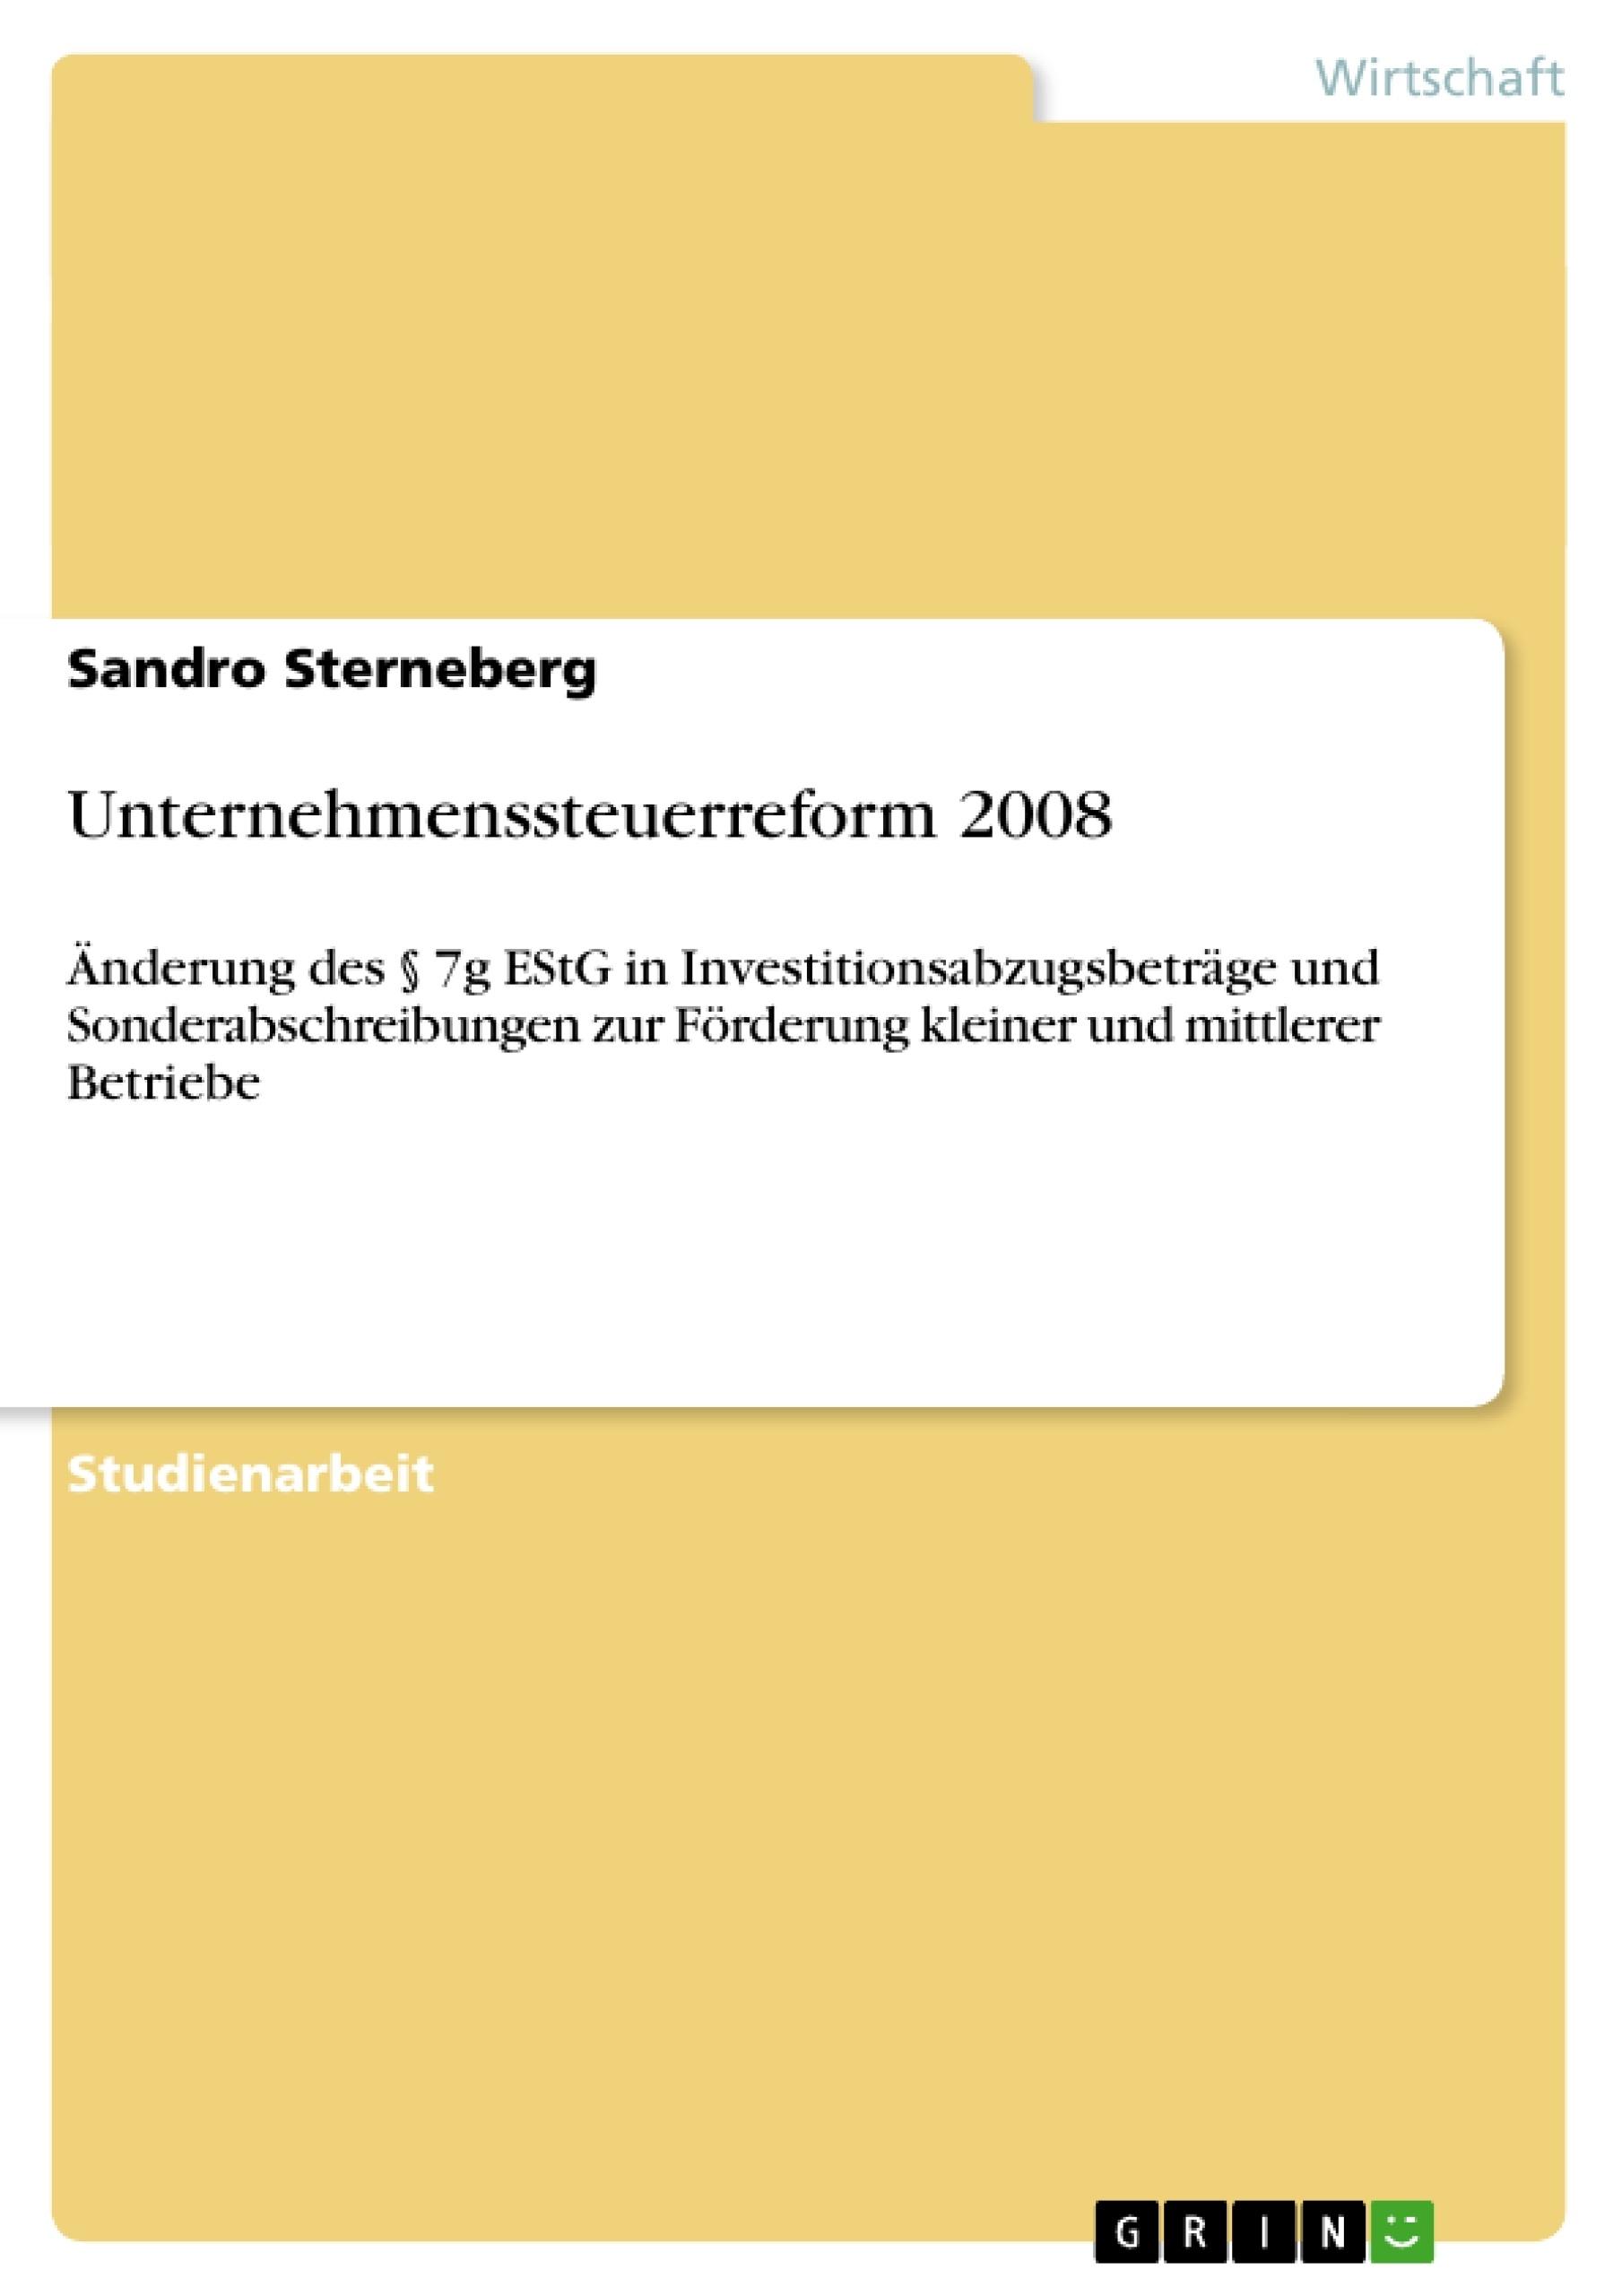 Titel: Unternehmenssteuerreform 2008